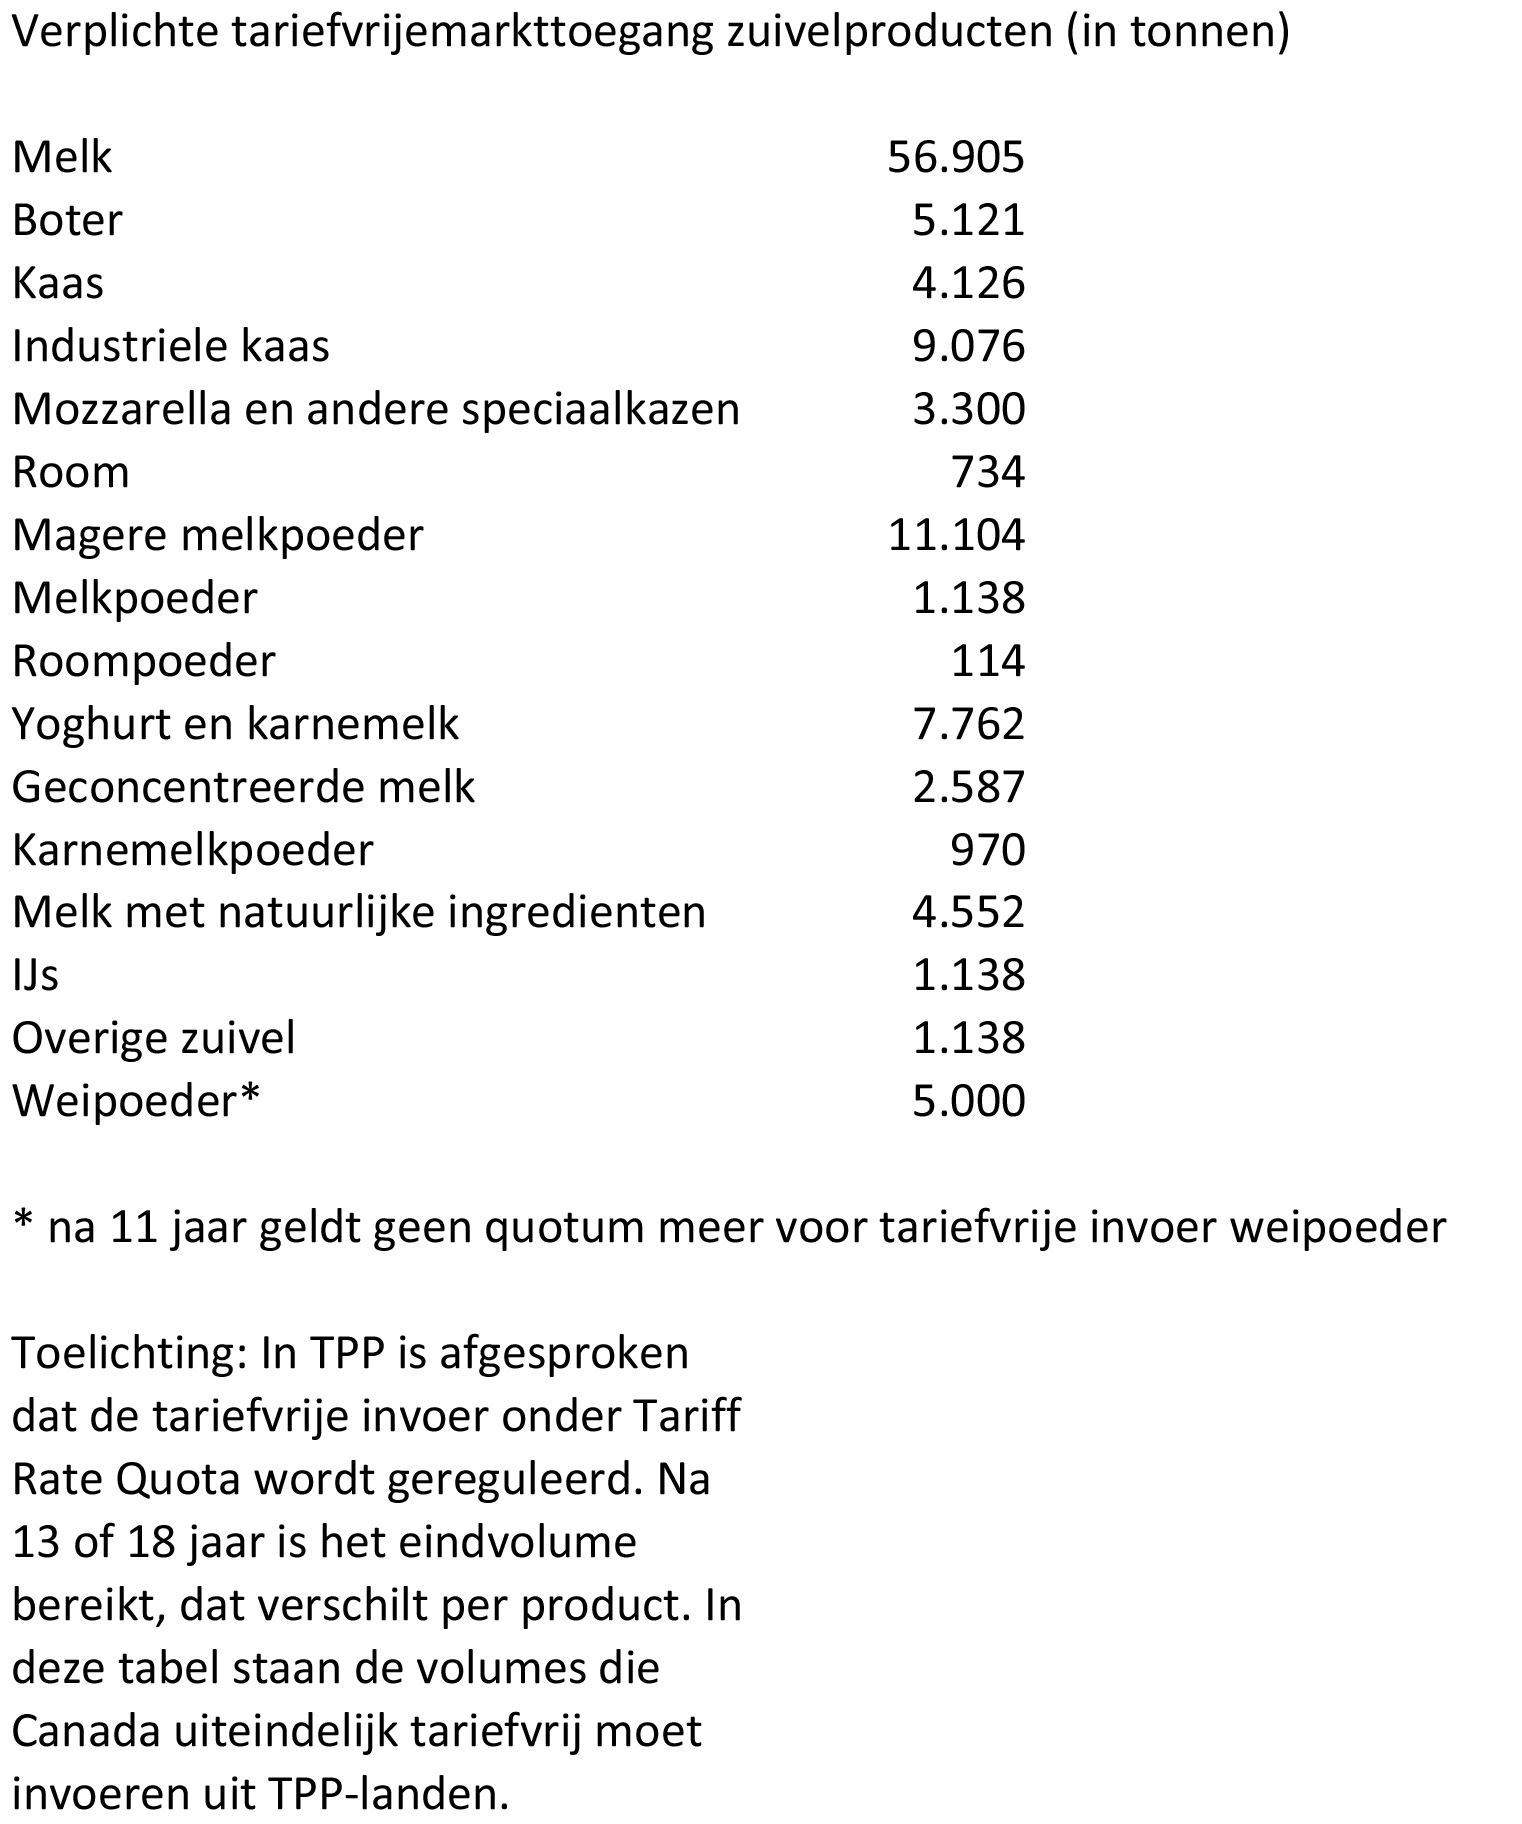 Tabel verplichte tariefvrije invoer